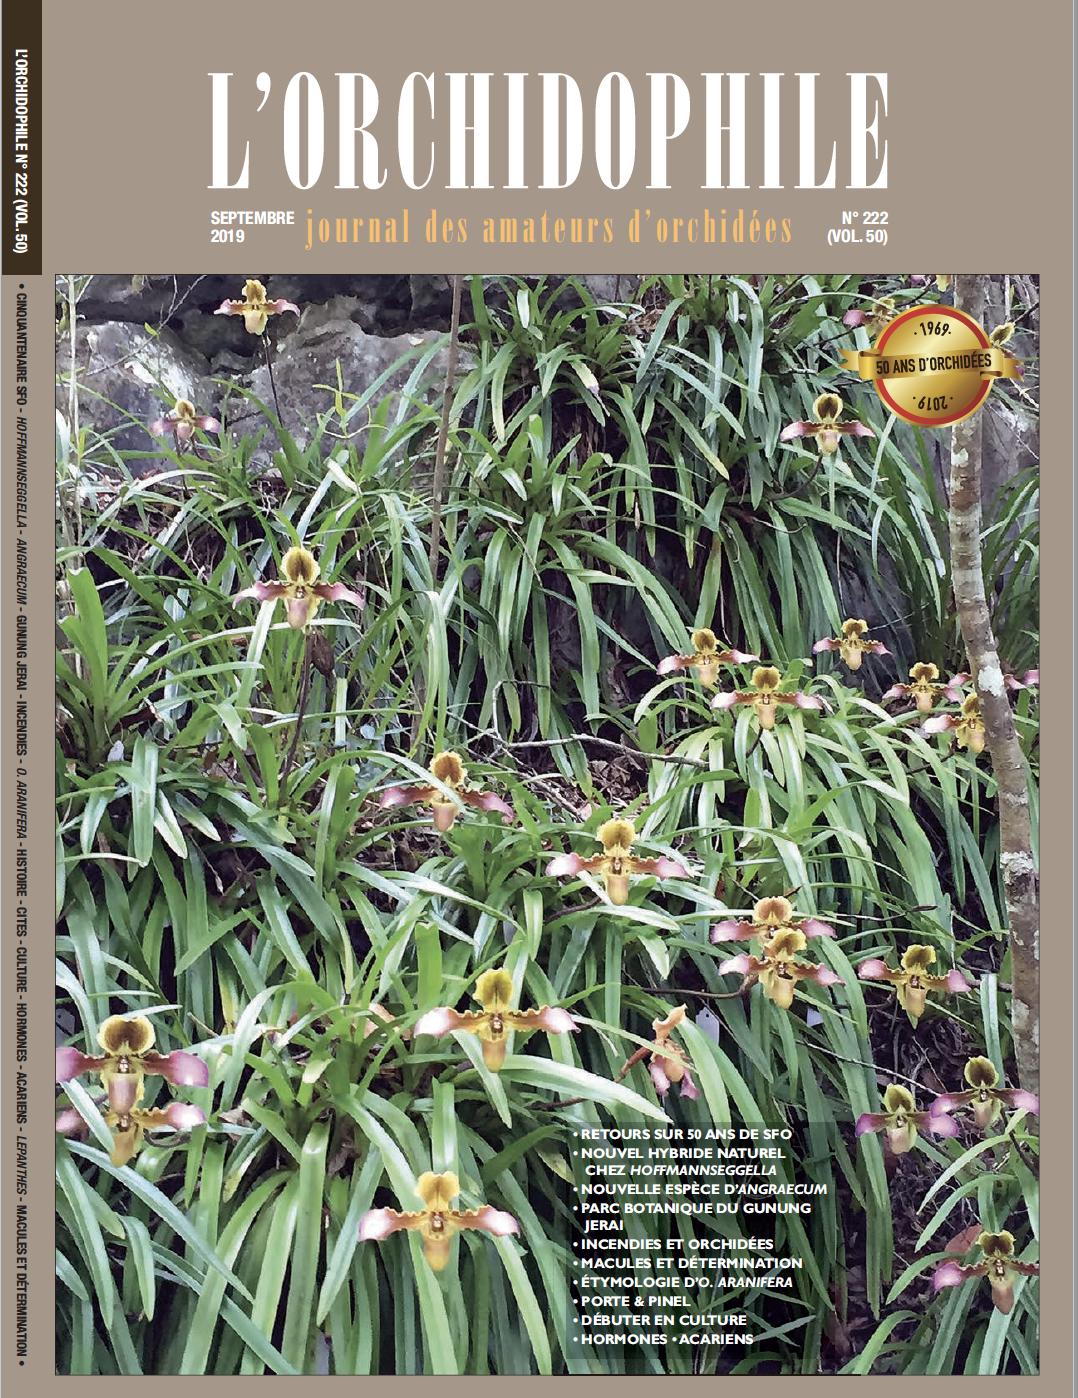 Couverture Orchidophile 222 septembre 2019